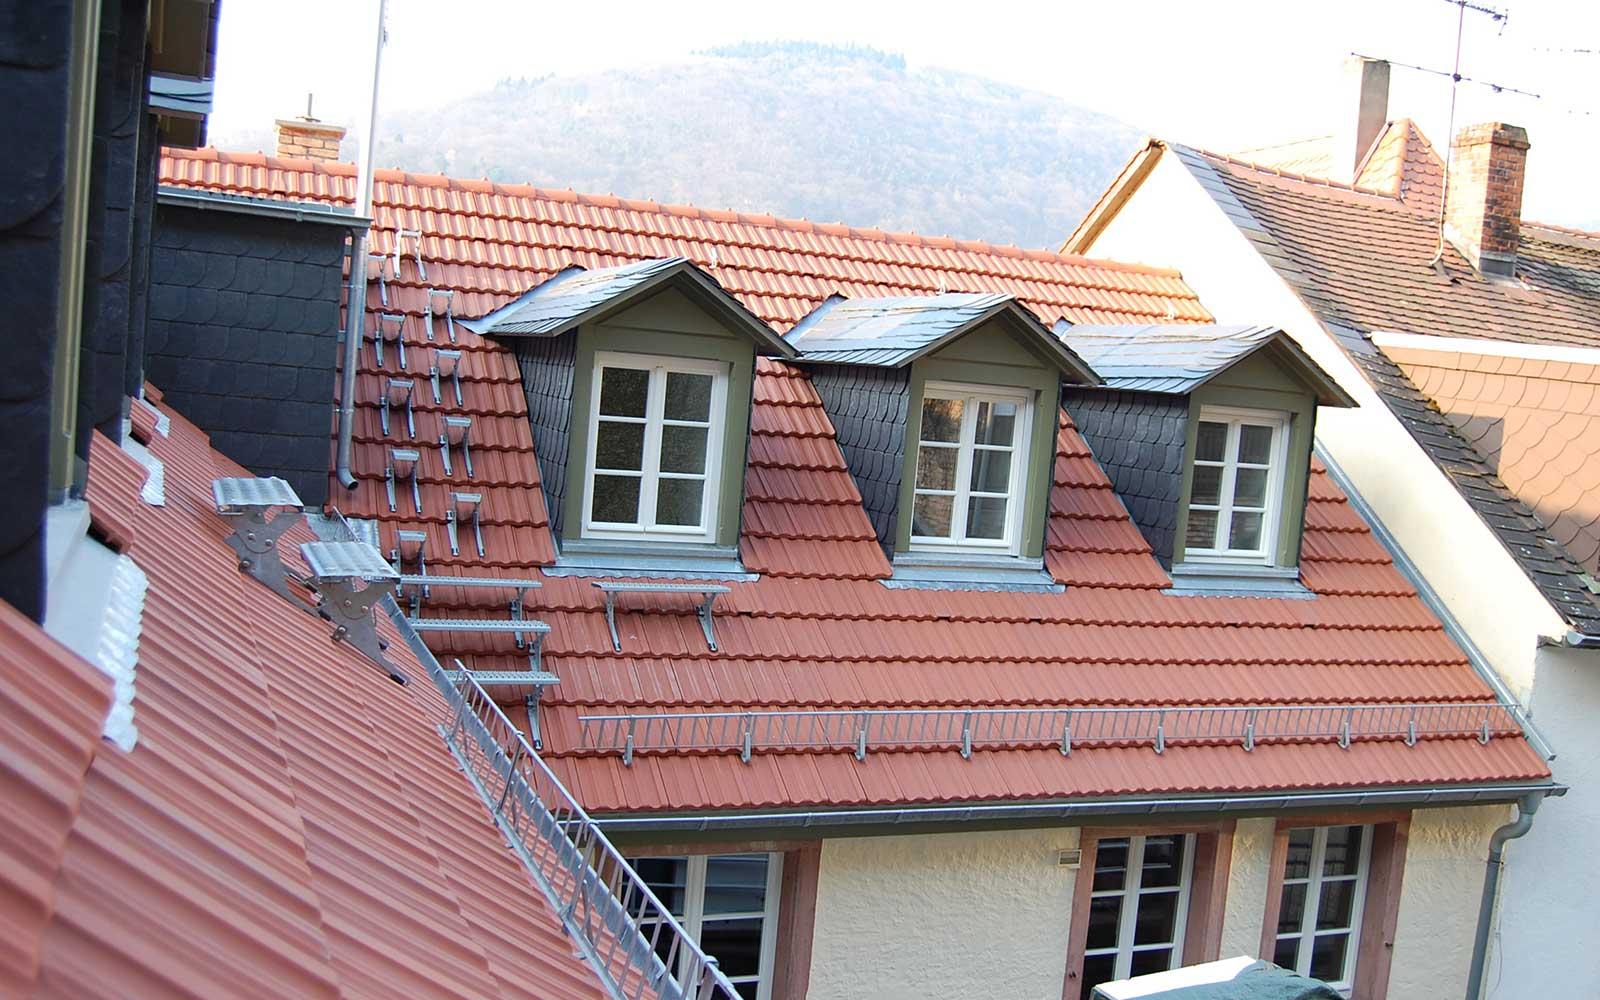 Saxen und Preußen, Architekten Heidelberg: Kochhan und Weckbach